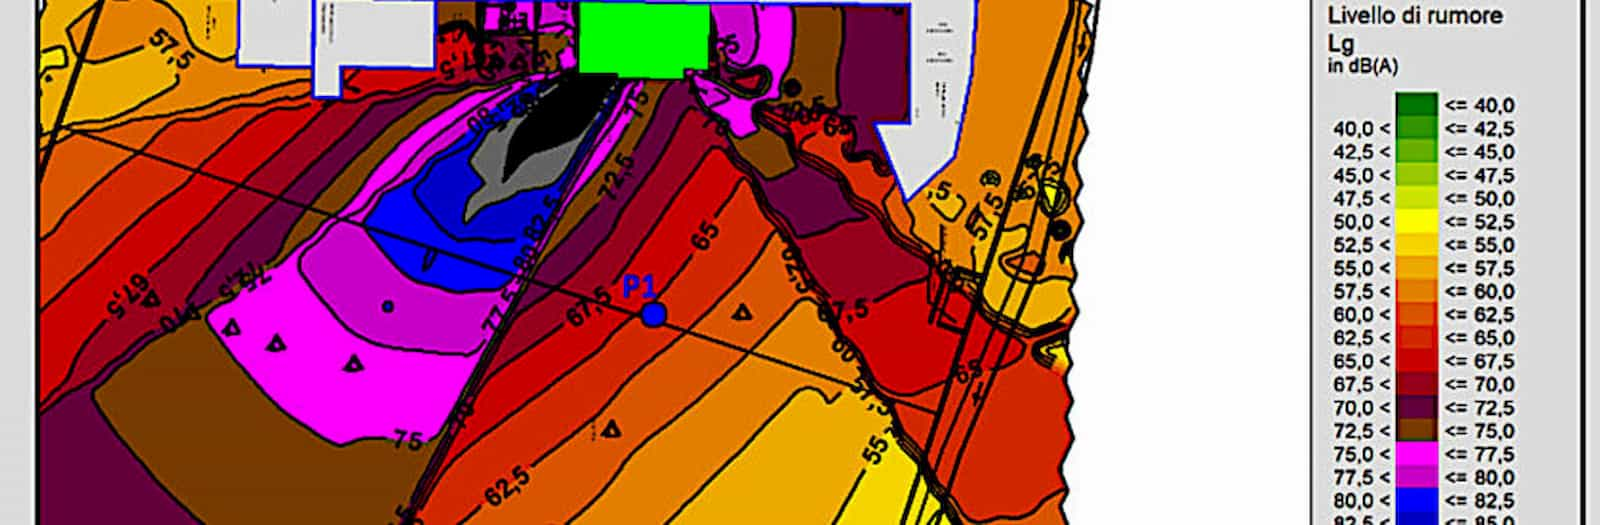 mappatura rilevazione impatto acustico